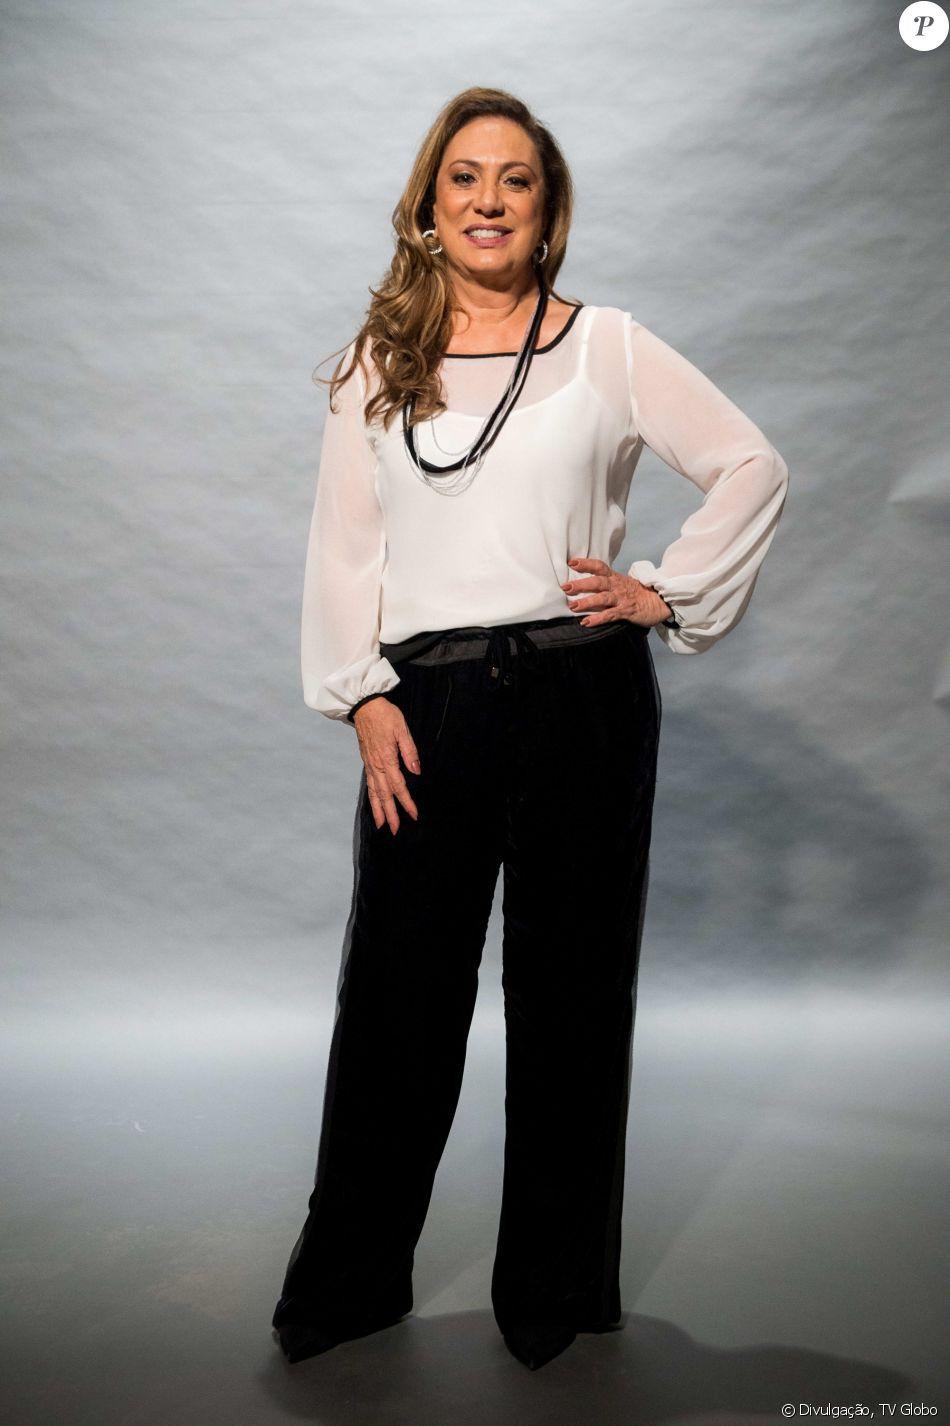 f7c235c06 Eliane Giardini apostou no look preto e branco para ir ao lançamento de 'O Outro  Lado do Paraíso', próxima novela das nove da TV Globo